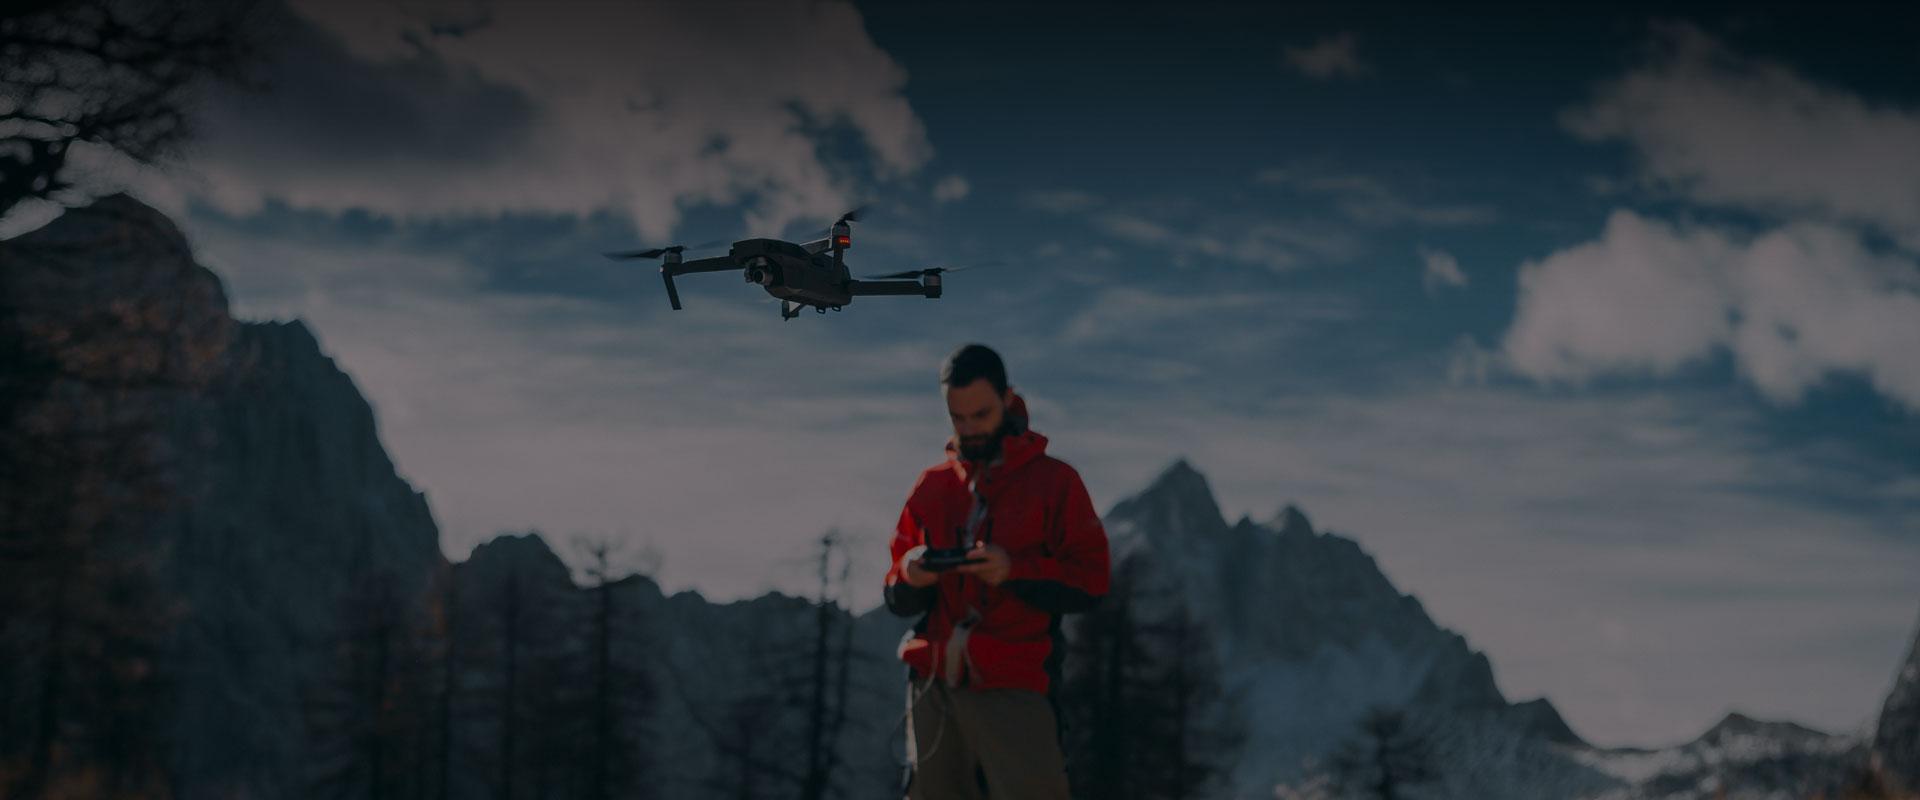 Mémorisez vos aventures en randonnées grâce à un drone